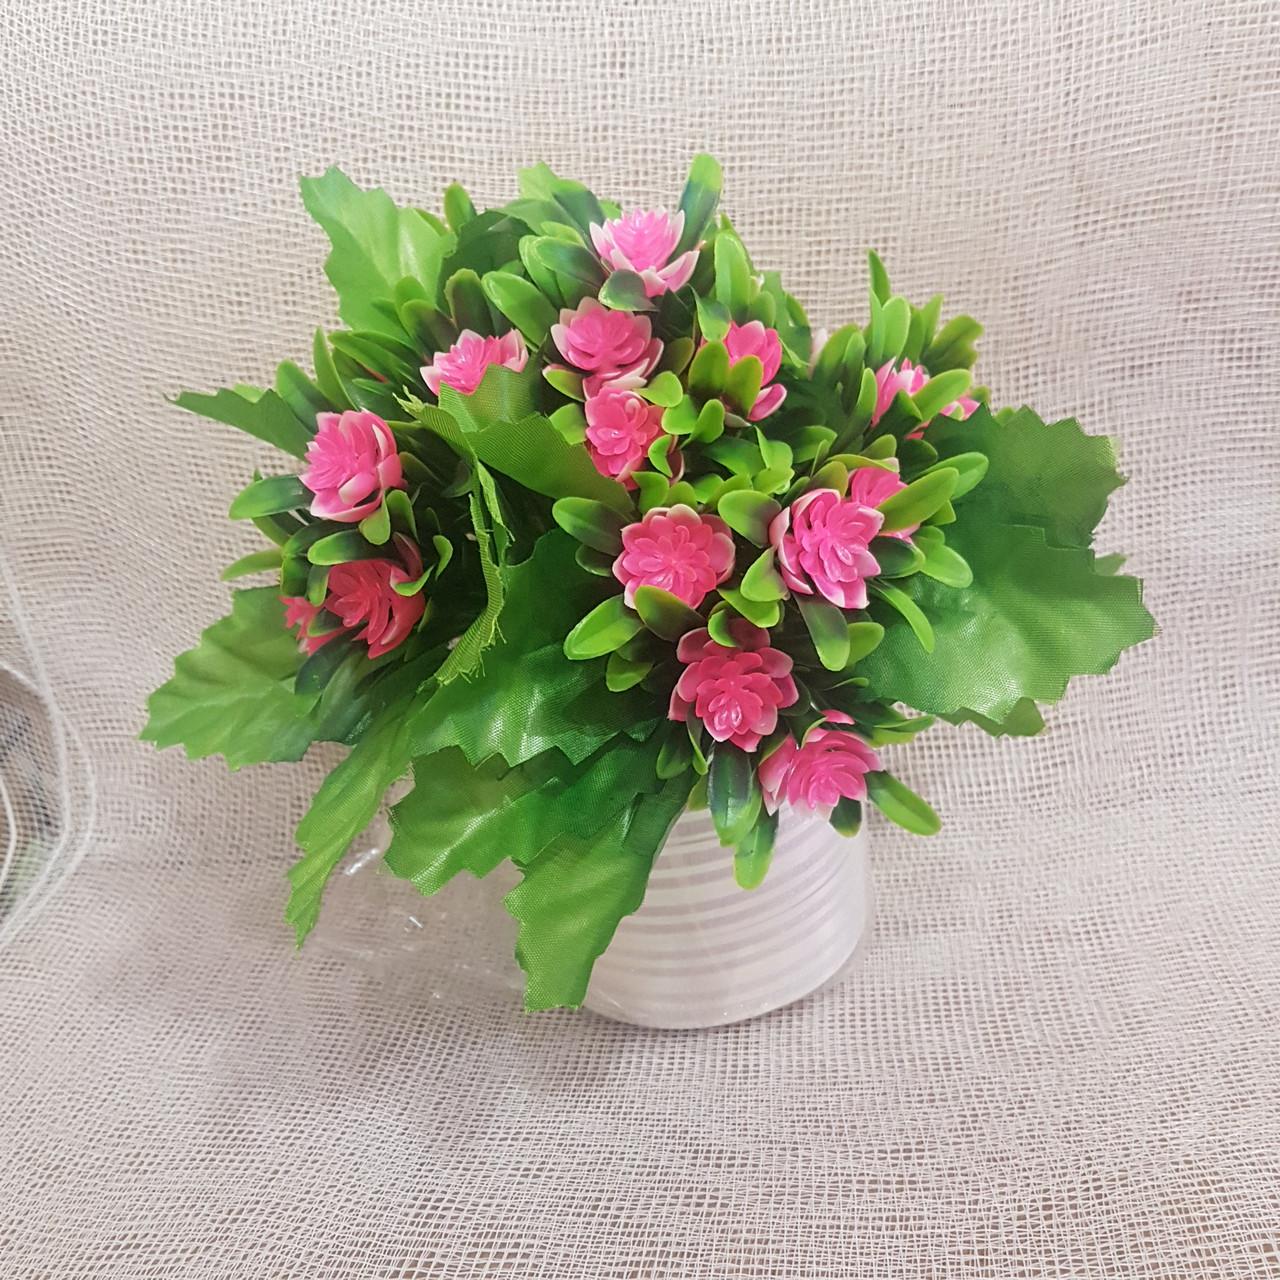 Букетик маленькой хризантемы NY 037 (30 шт./уп.) Искусственные цветы оптом